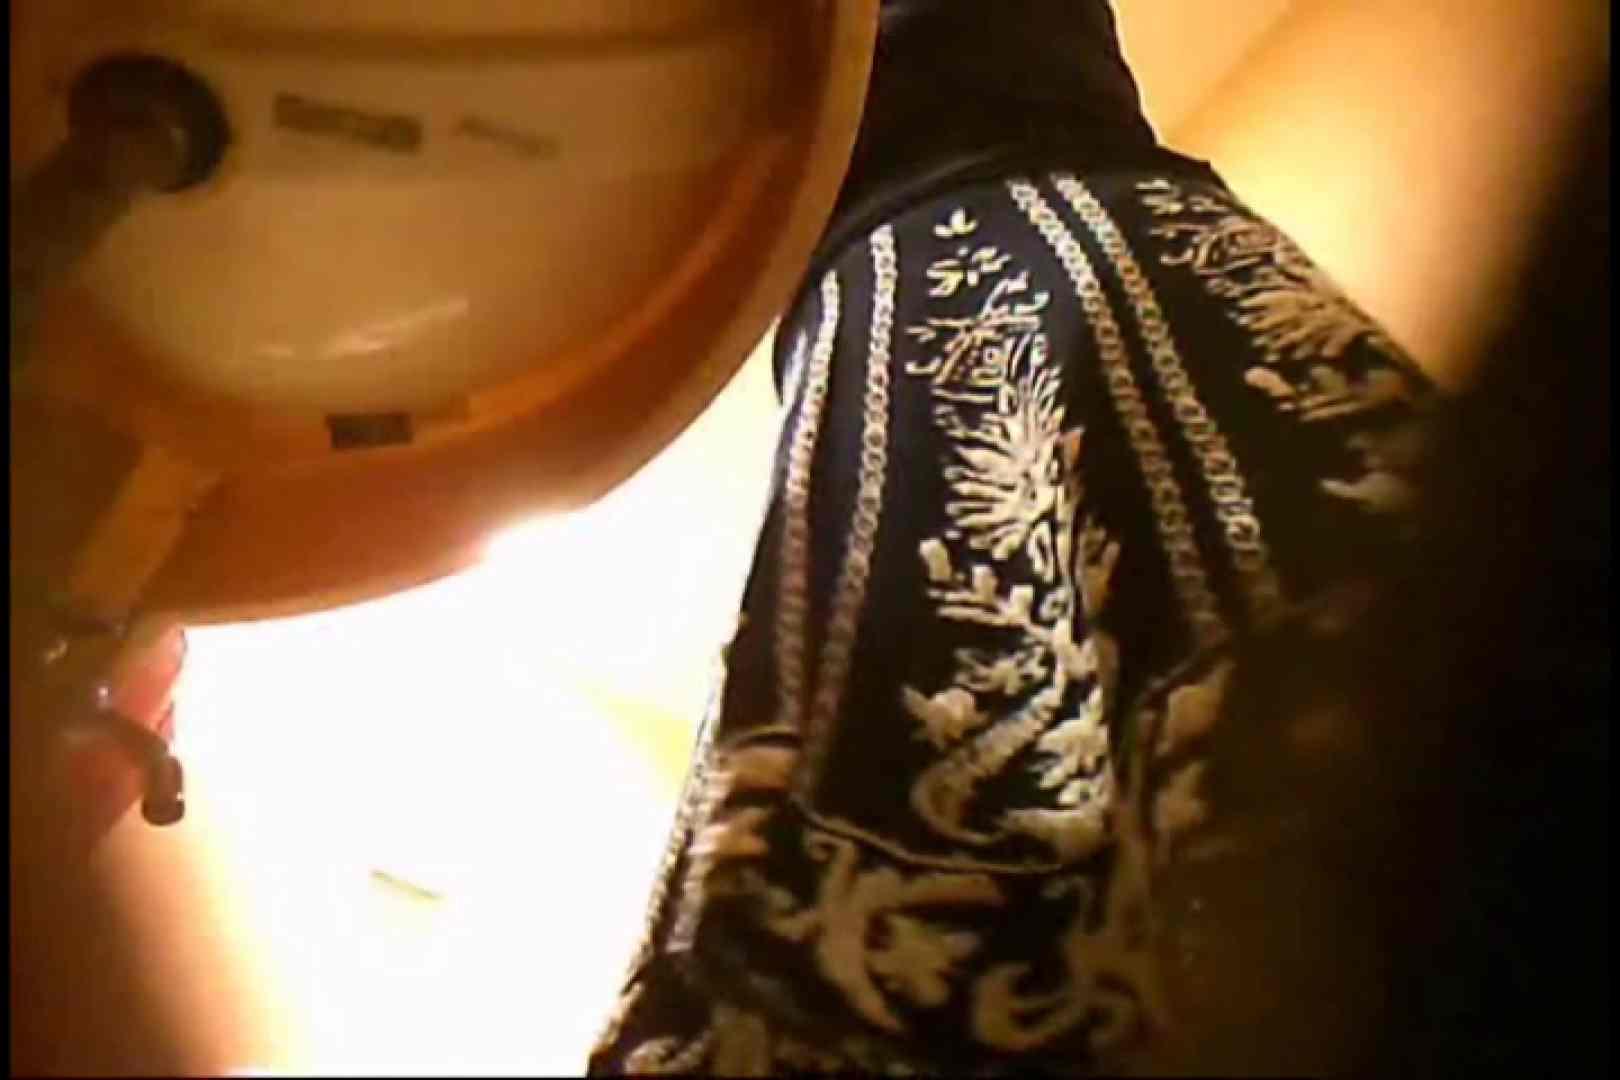 画質向上!新亀さん厠 vol.75 厠隠し撮り | 黄金水  93pic 67